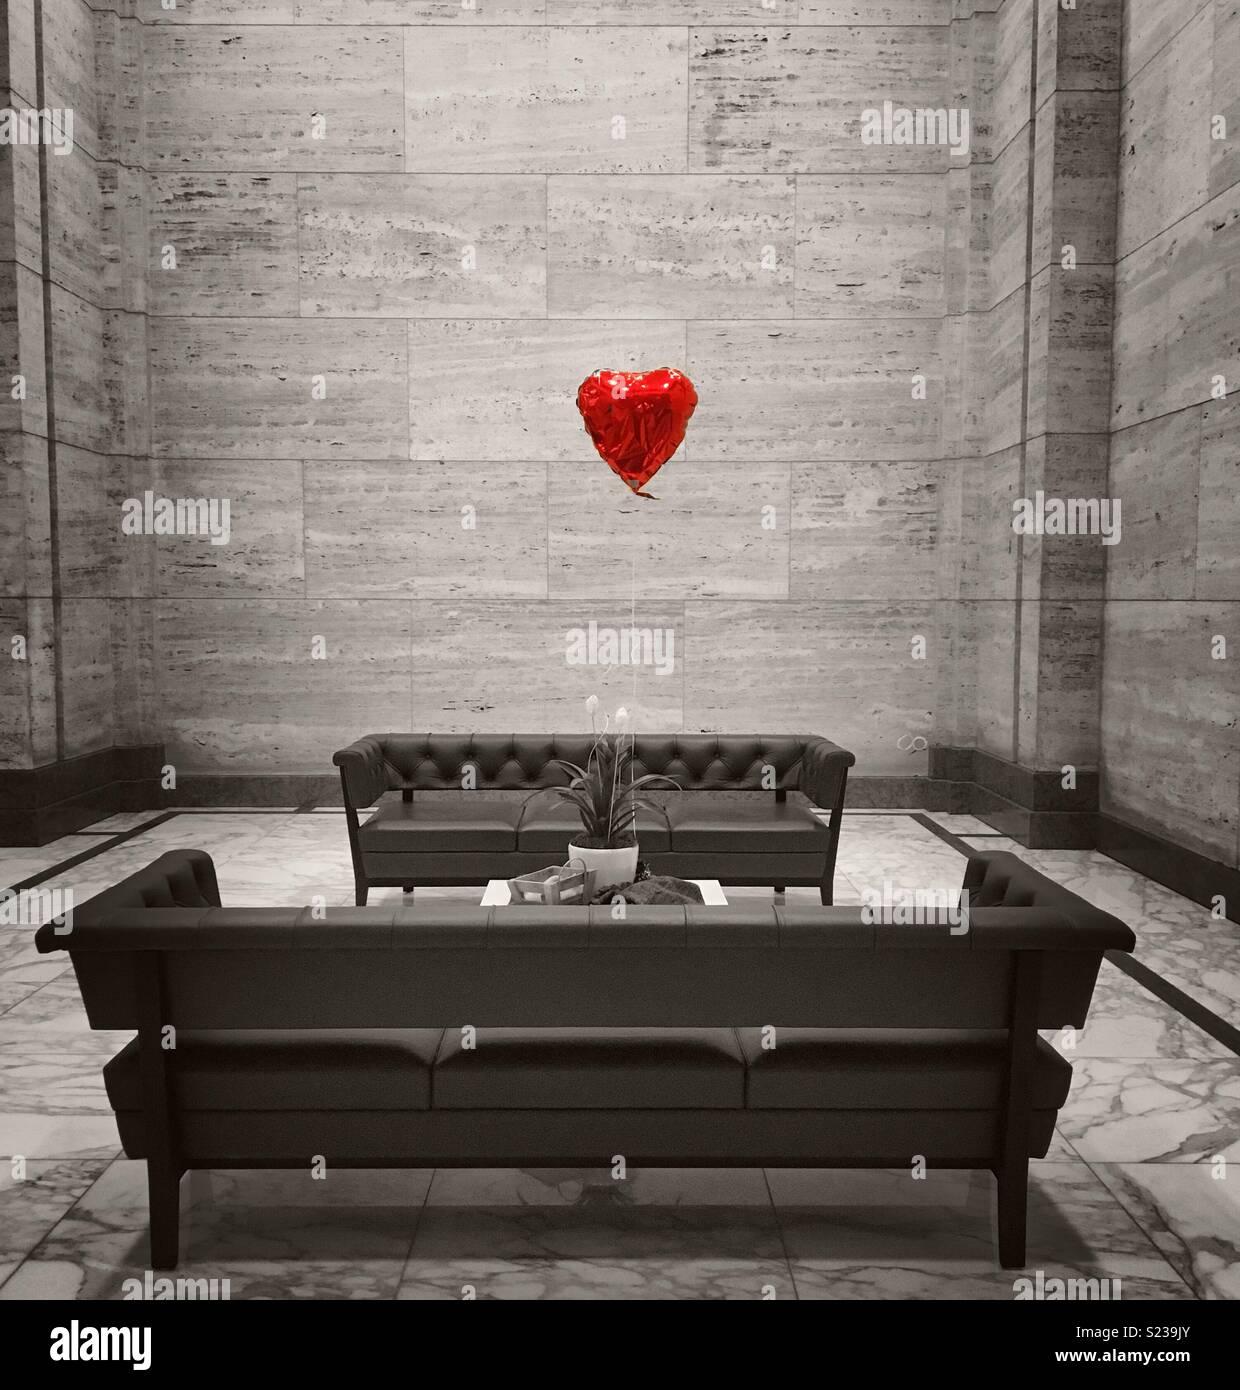 Globo rojo corazón con los colores desaturados. Imagen De Stock